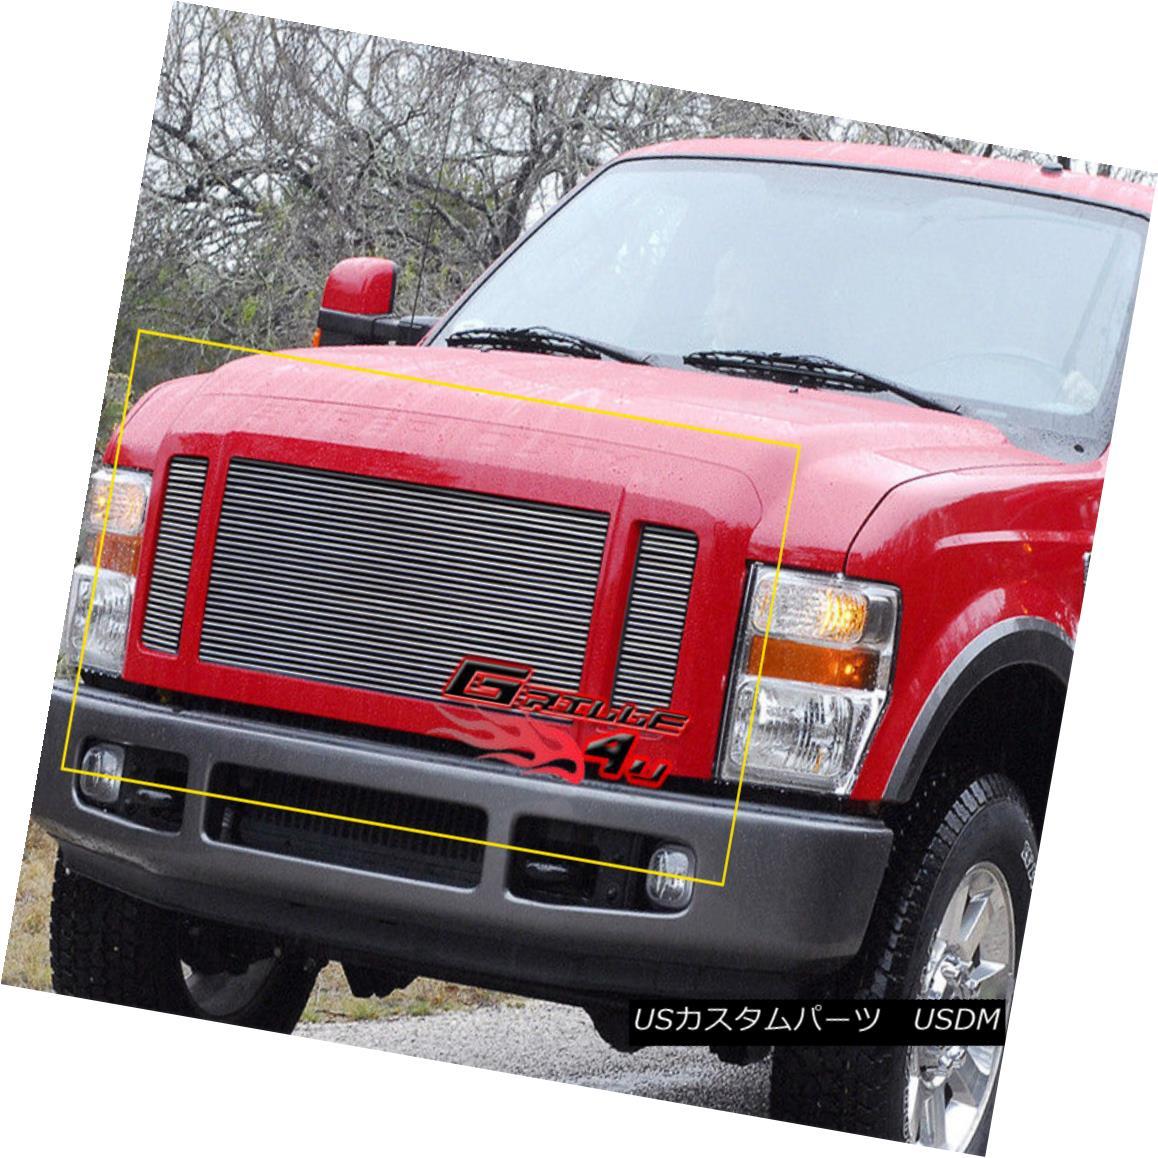 グリル For 08-10 Ford F250/F350/F450/F550 FX4 Billet Grille Insert 08-10 Ford F250 / F350 / F450 / F550 FX4ビレットグリルインサート